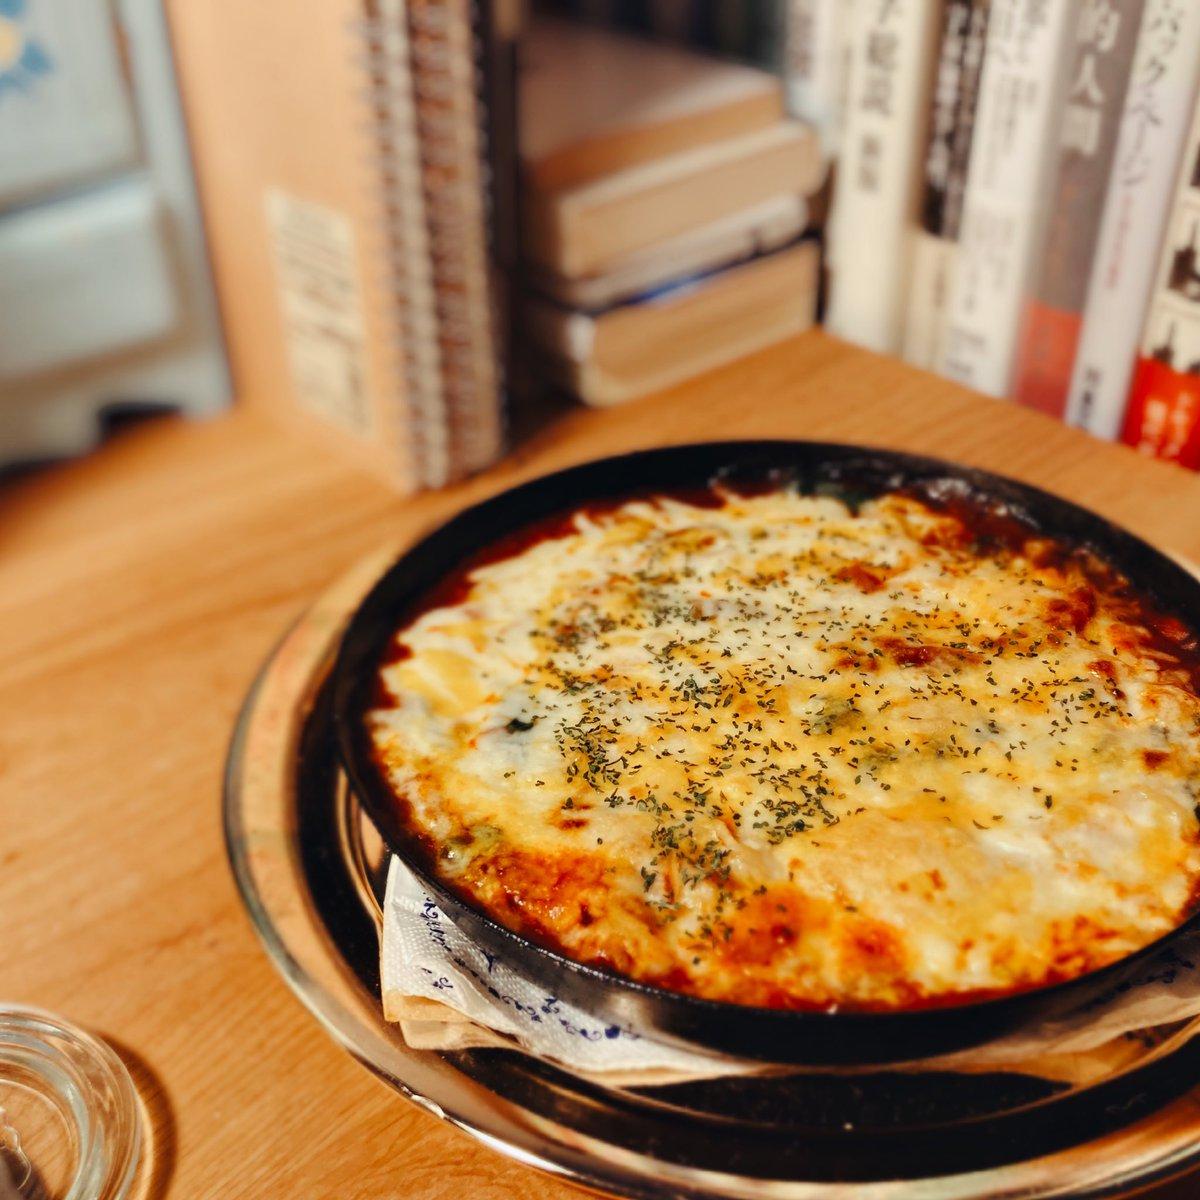 おチヨさんも有明さんも作ってらっしゃるので食べたくなっちゃうよね、人生初のスパゲティグラタンです。わたしはミートソースで作りました。暴力的においしい🍝